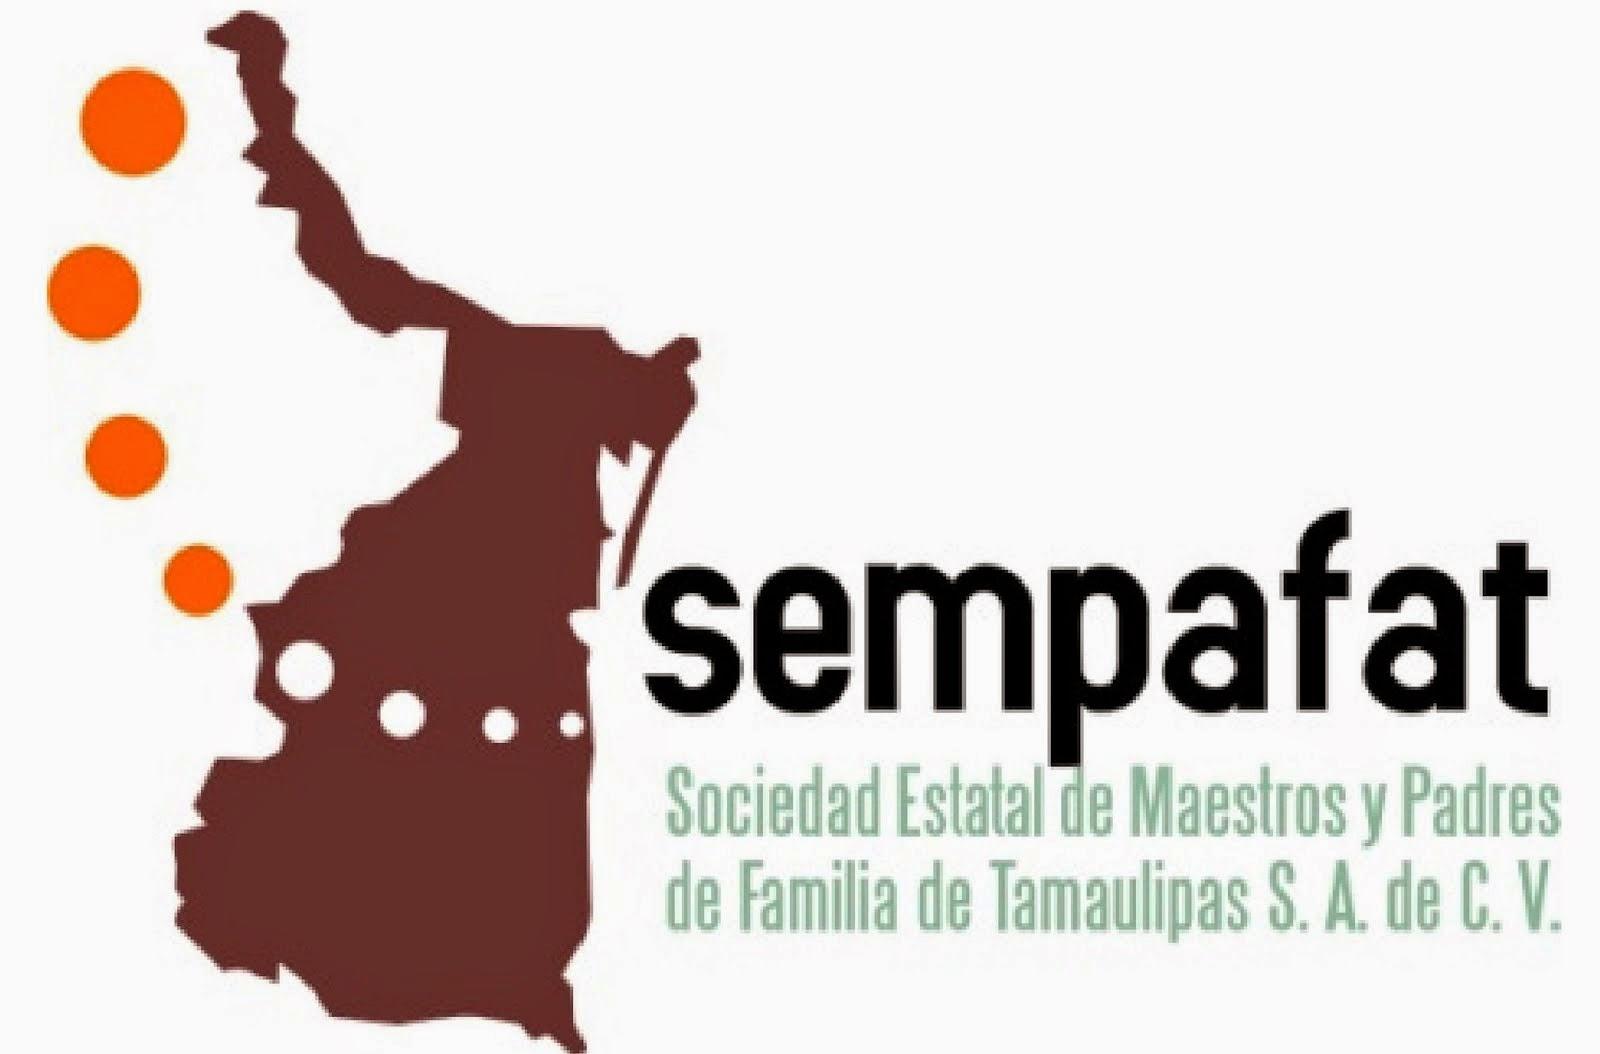 SOCIEDAD ESTATAL DE MAESTROS Y PADRES DE FAMILIA